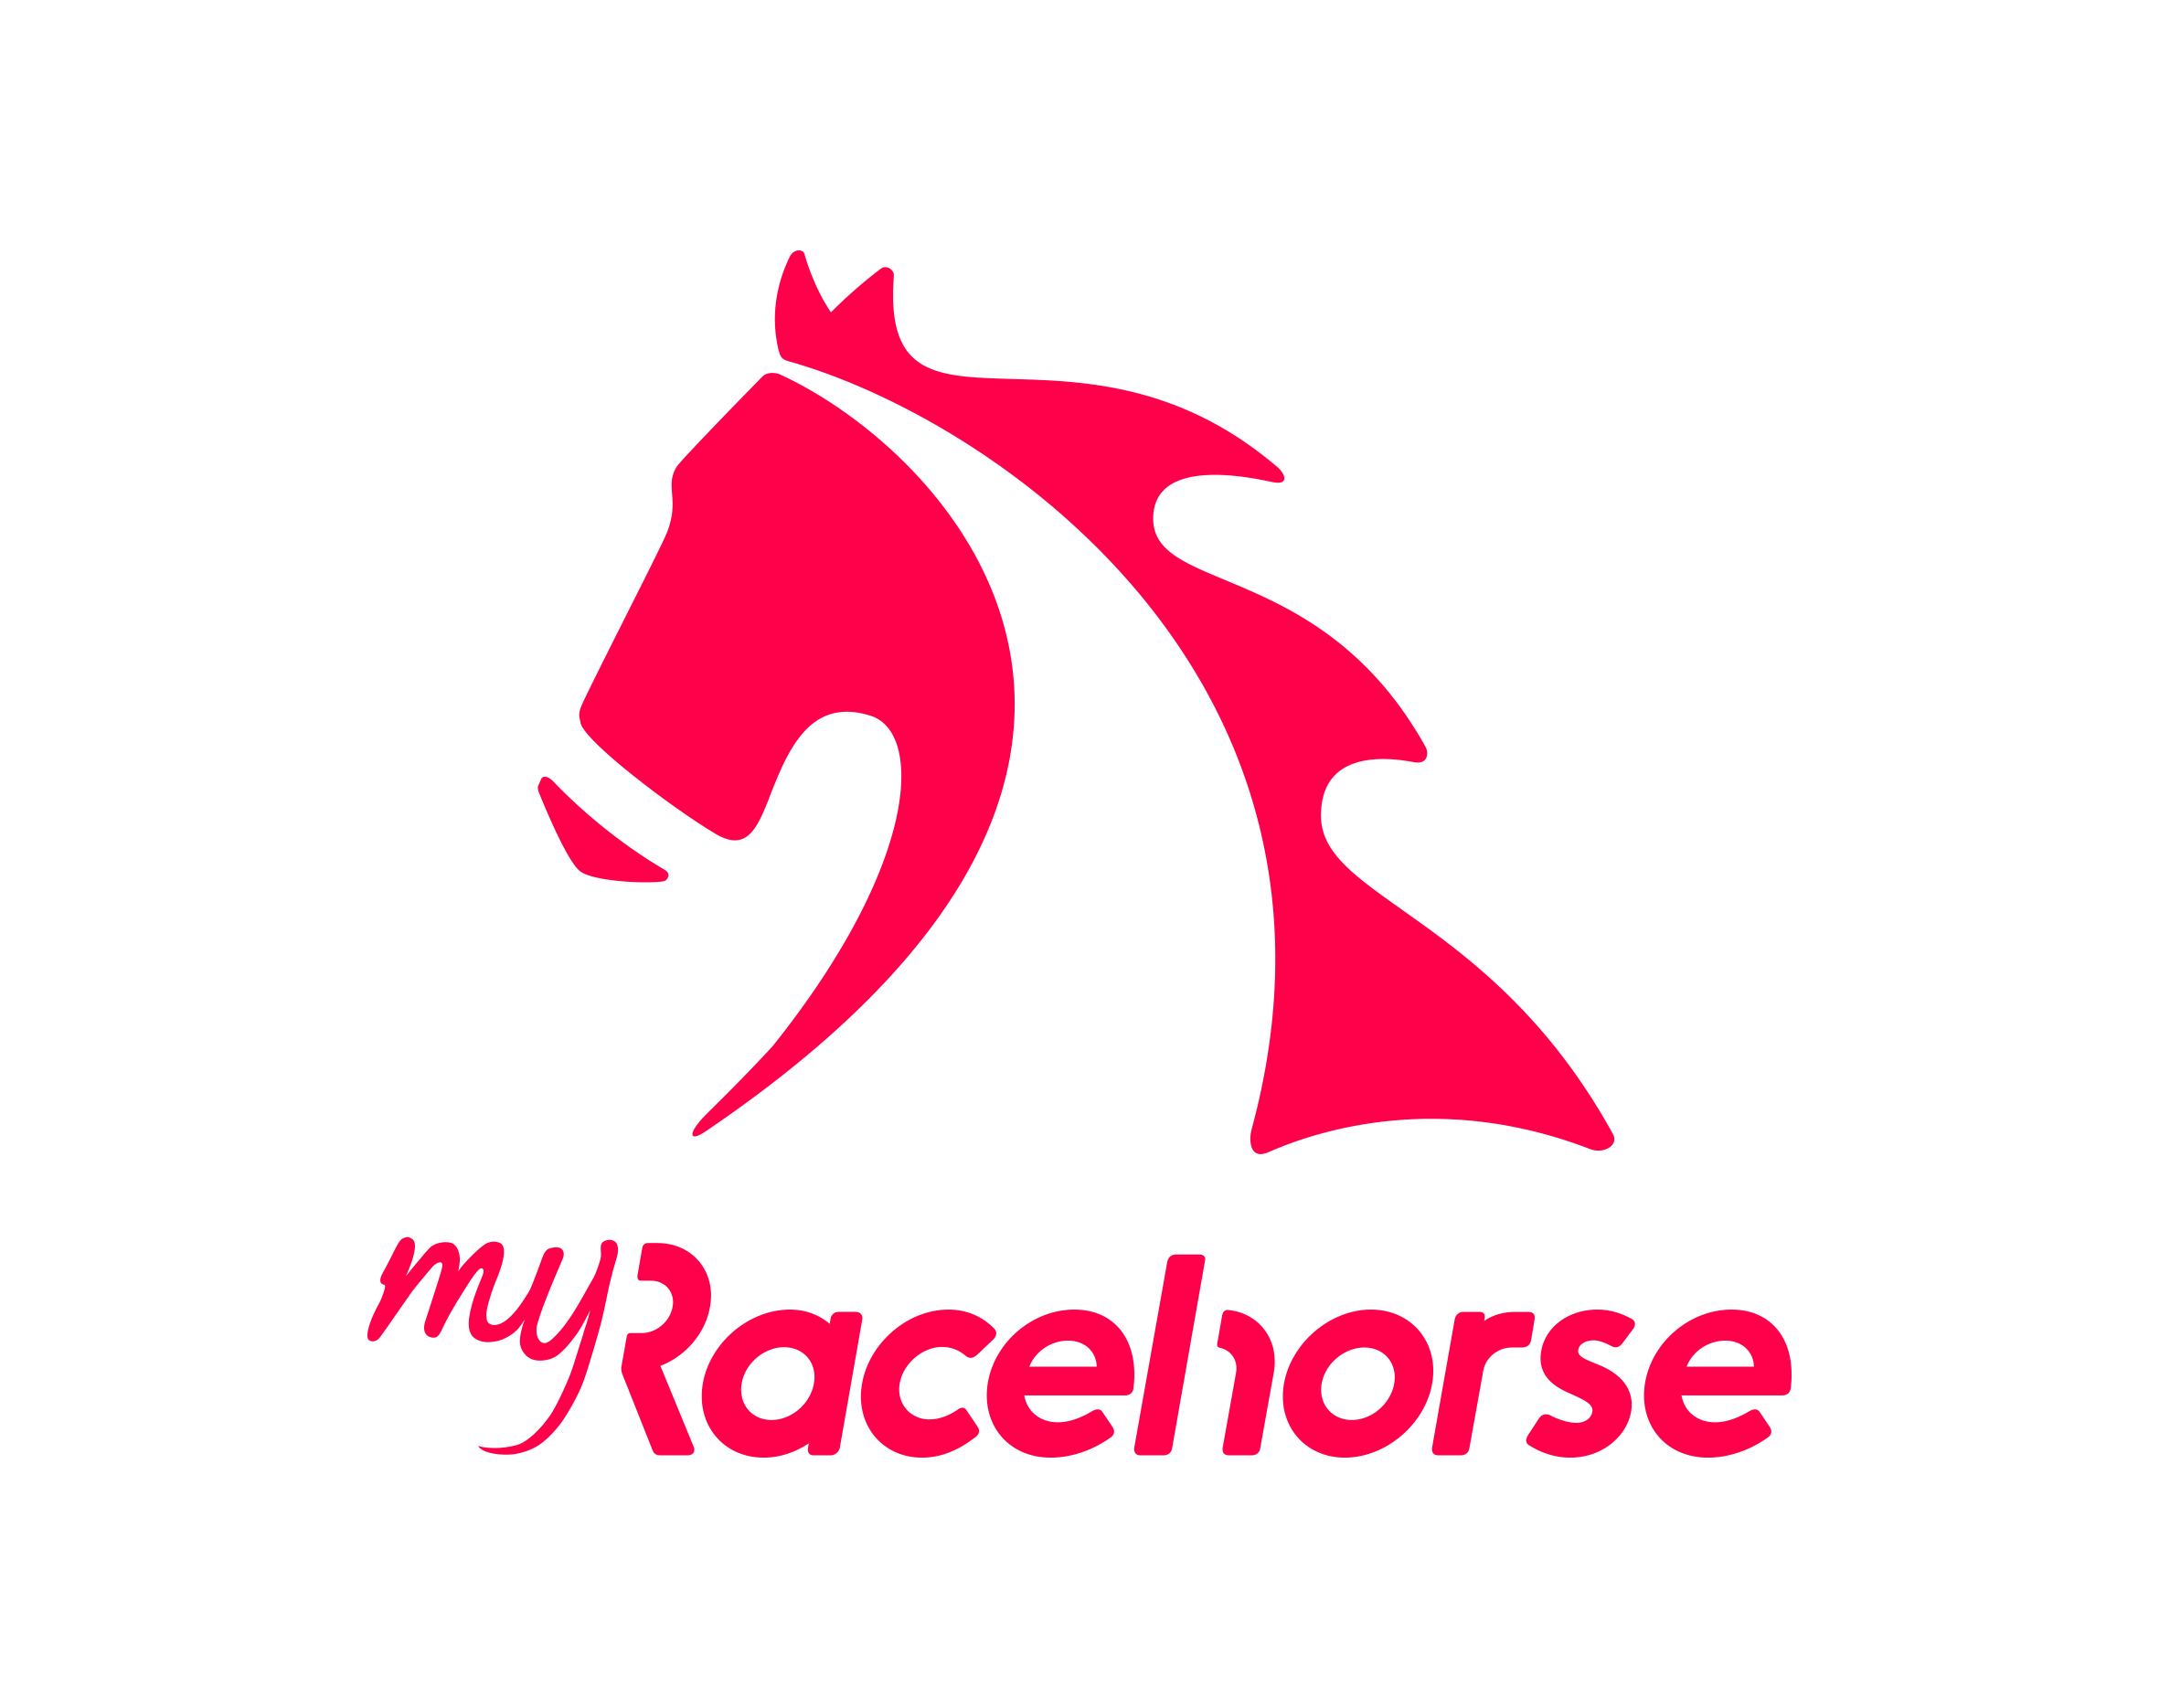 MyRacehorse